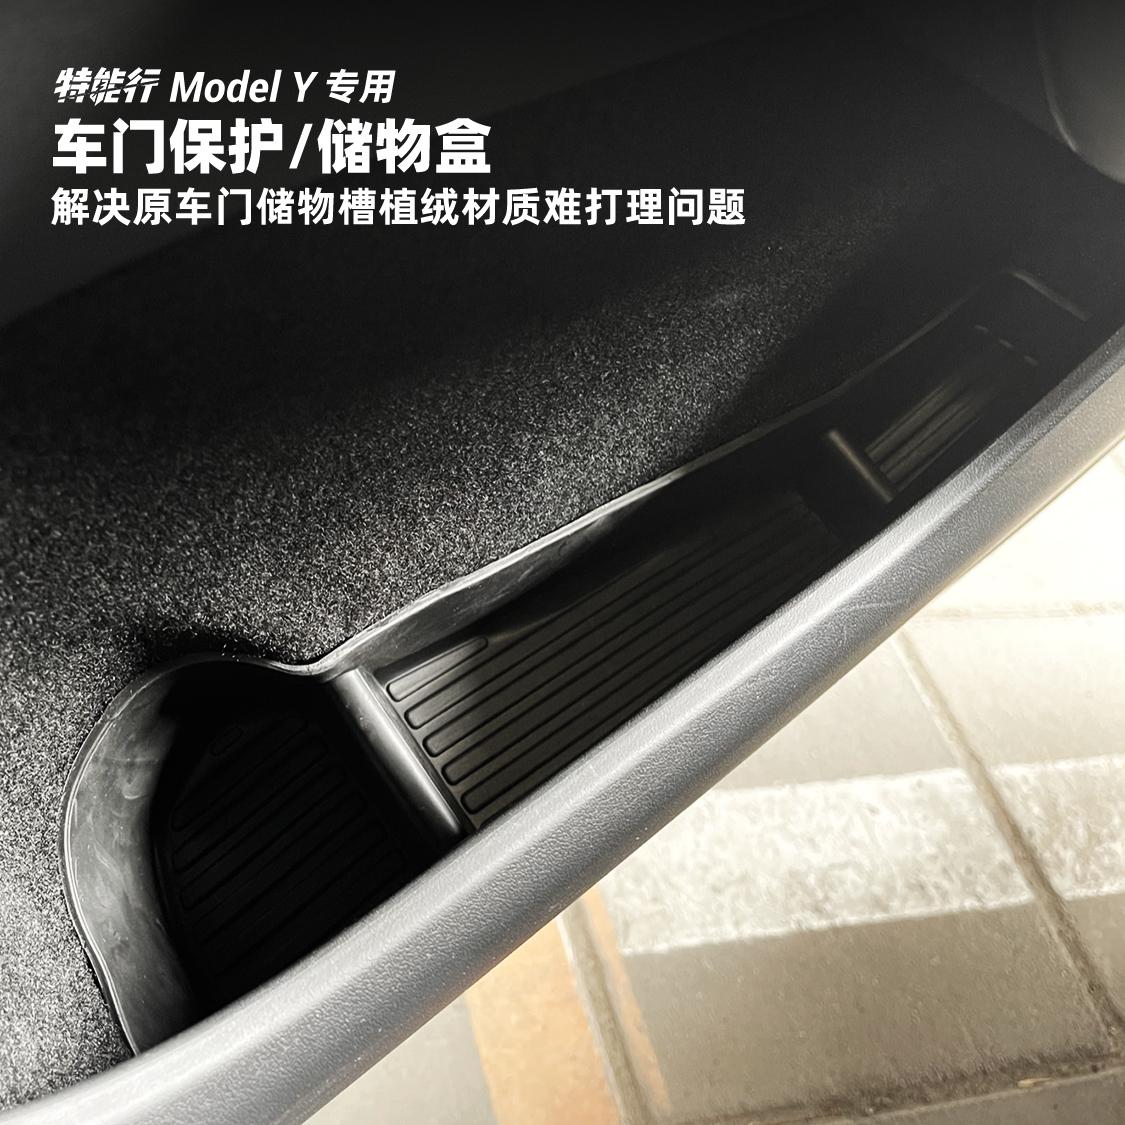 适用于ModelY的车门储物槽盒解决原车绒毛难打理4门装